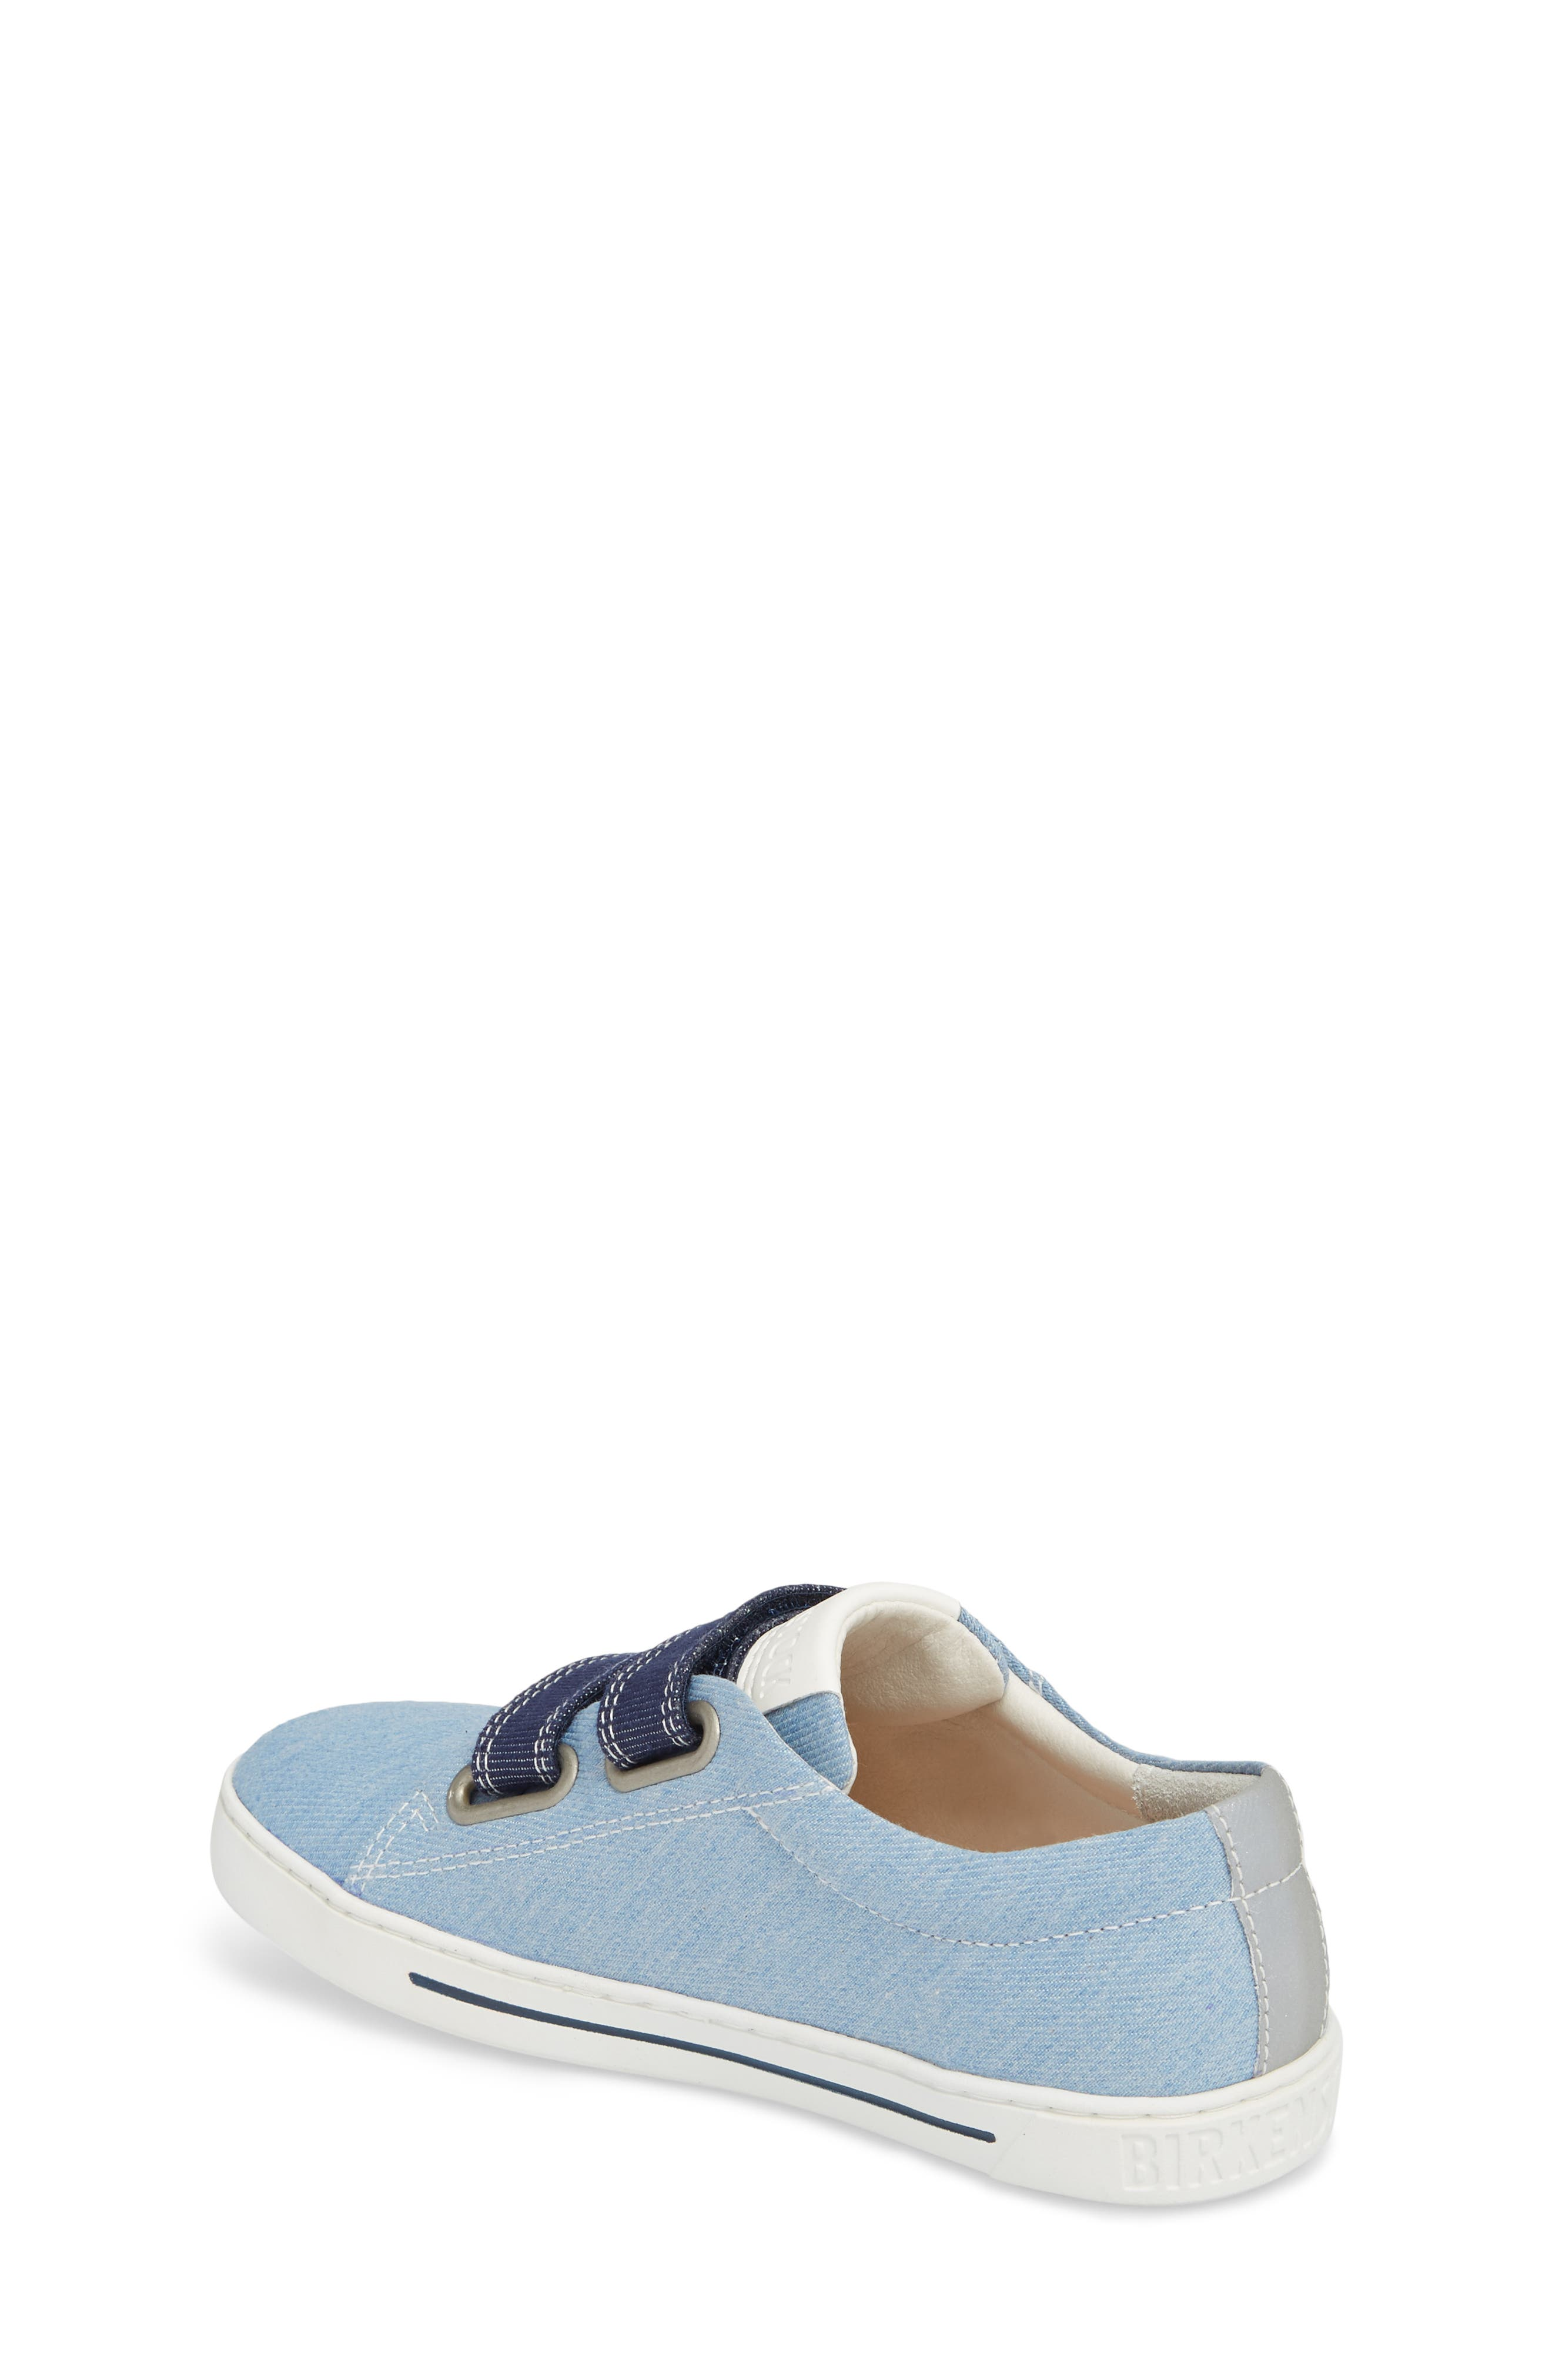 Arran Sneaker,                             Alternate thumbnail 2, color,                             INDIGO